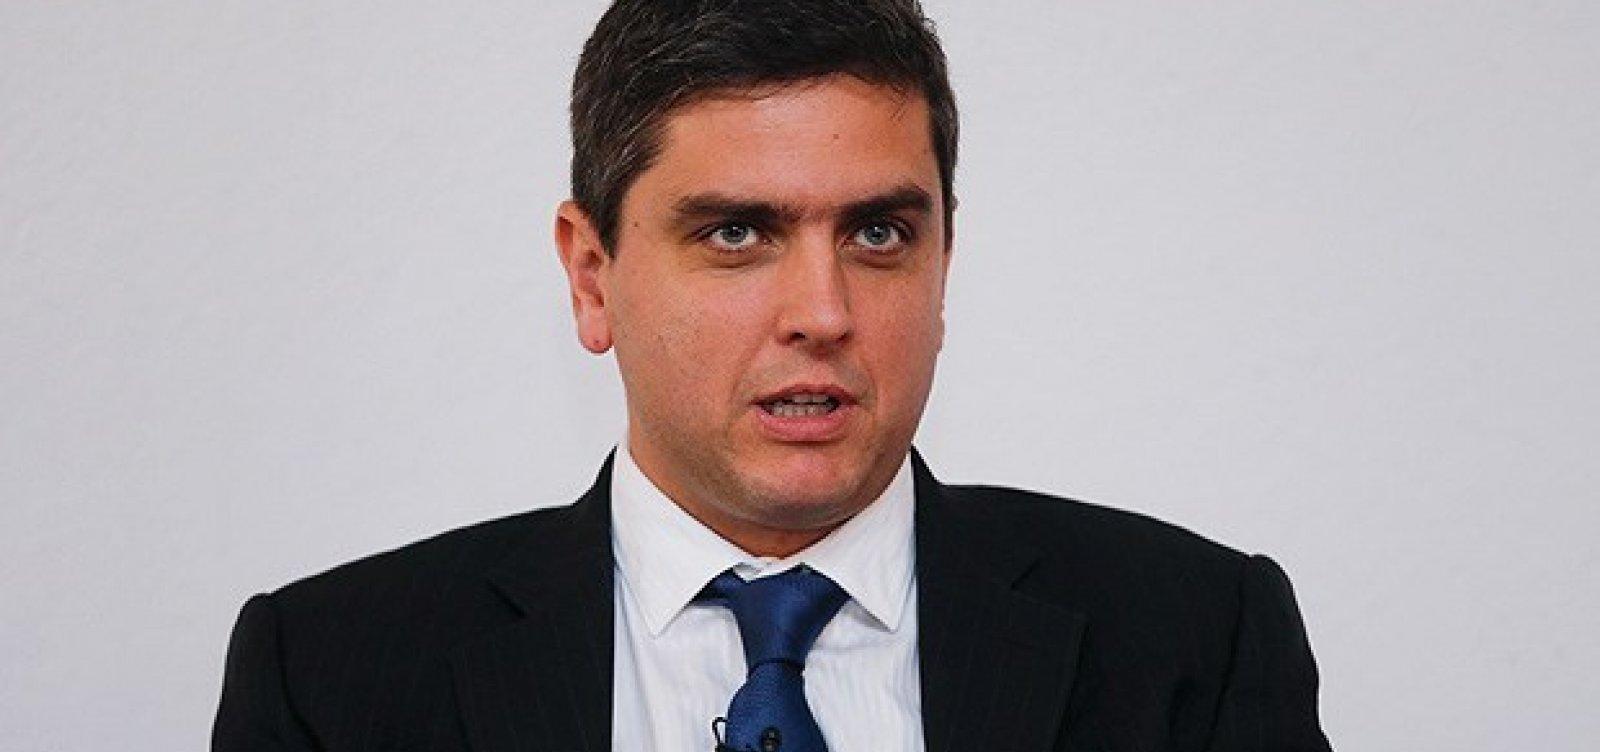 [ Fábio Zanini avalia primeiros 100 dias do governo Bolsonaro: 'Está difícil achar comparável']